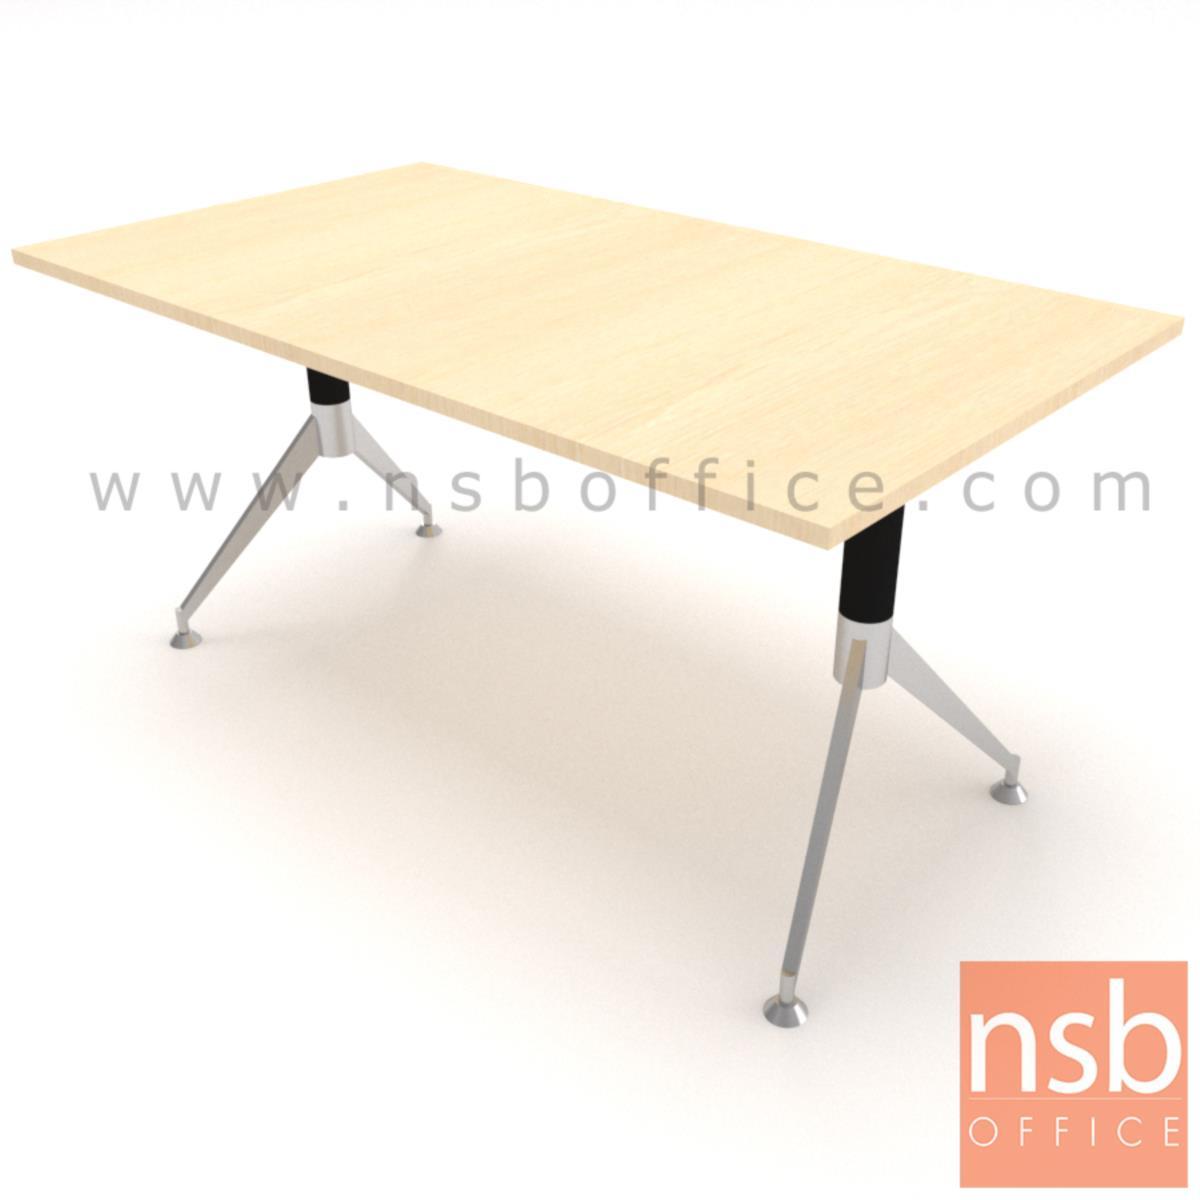 โต๊ะประชุมทรงสี่เหลี่ยม   ขนาด 180W cm. ขาเหล็กทรงหางปลา